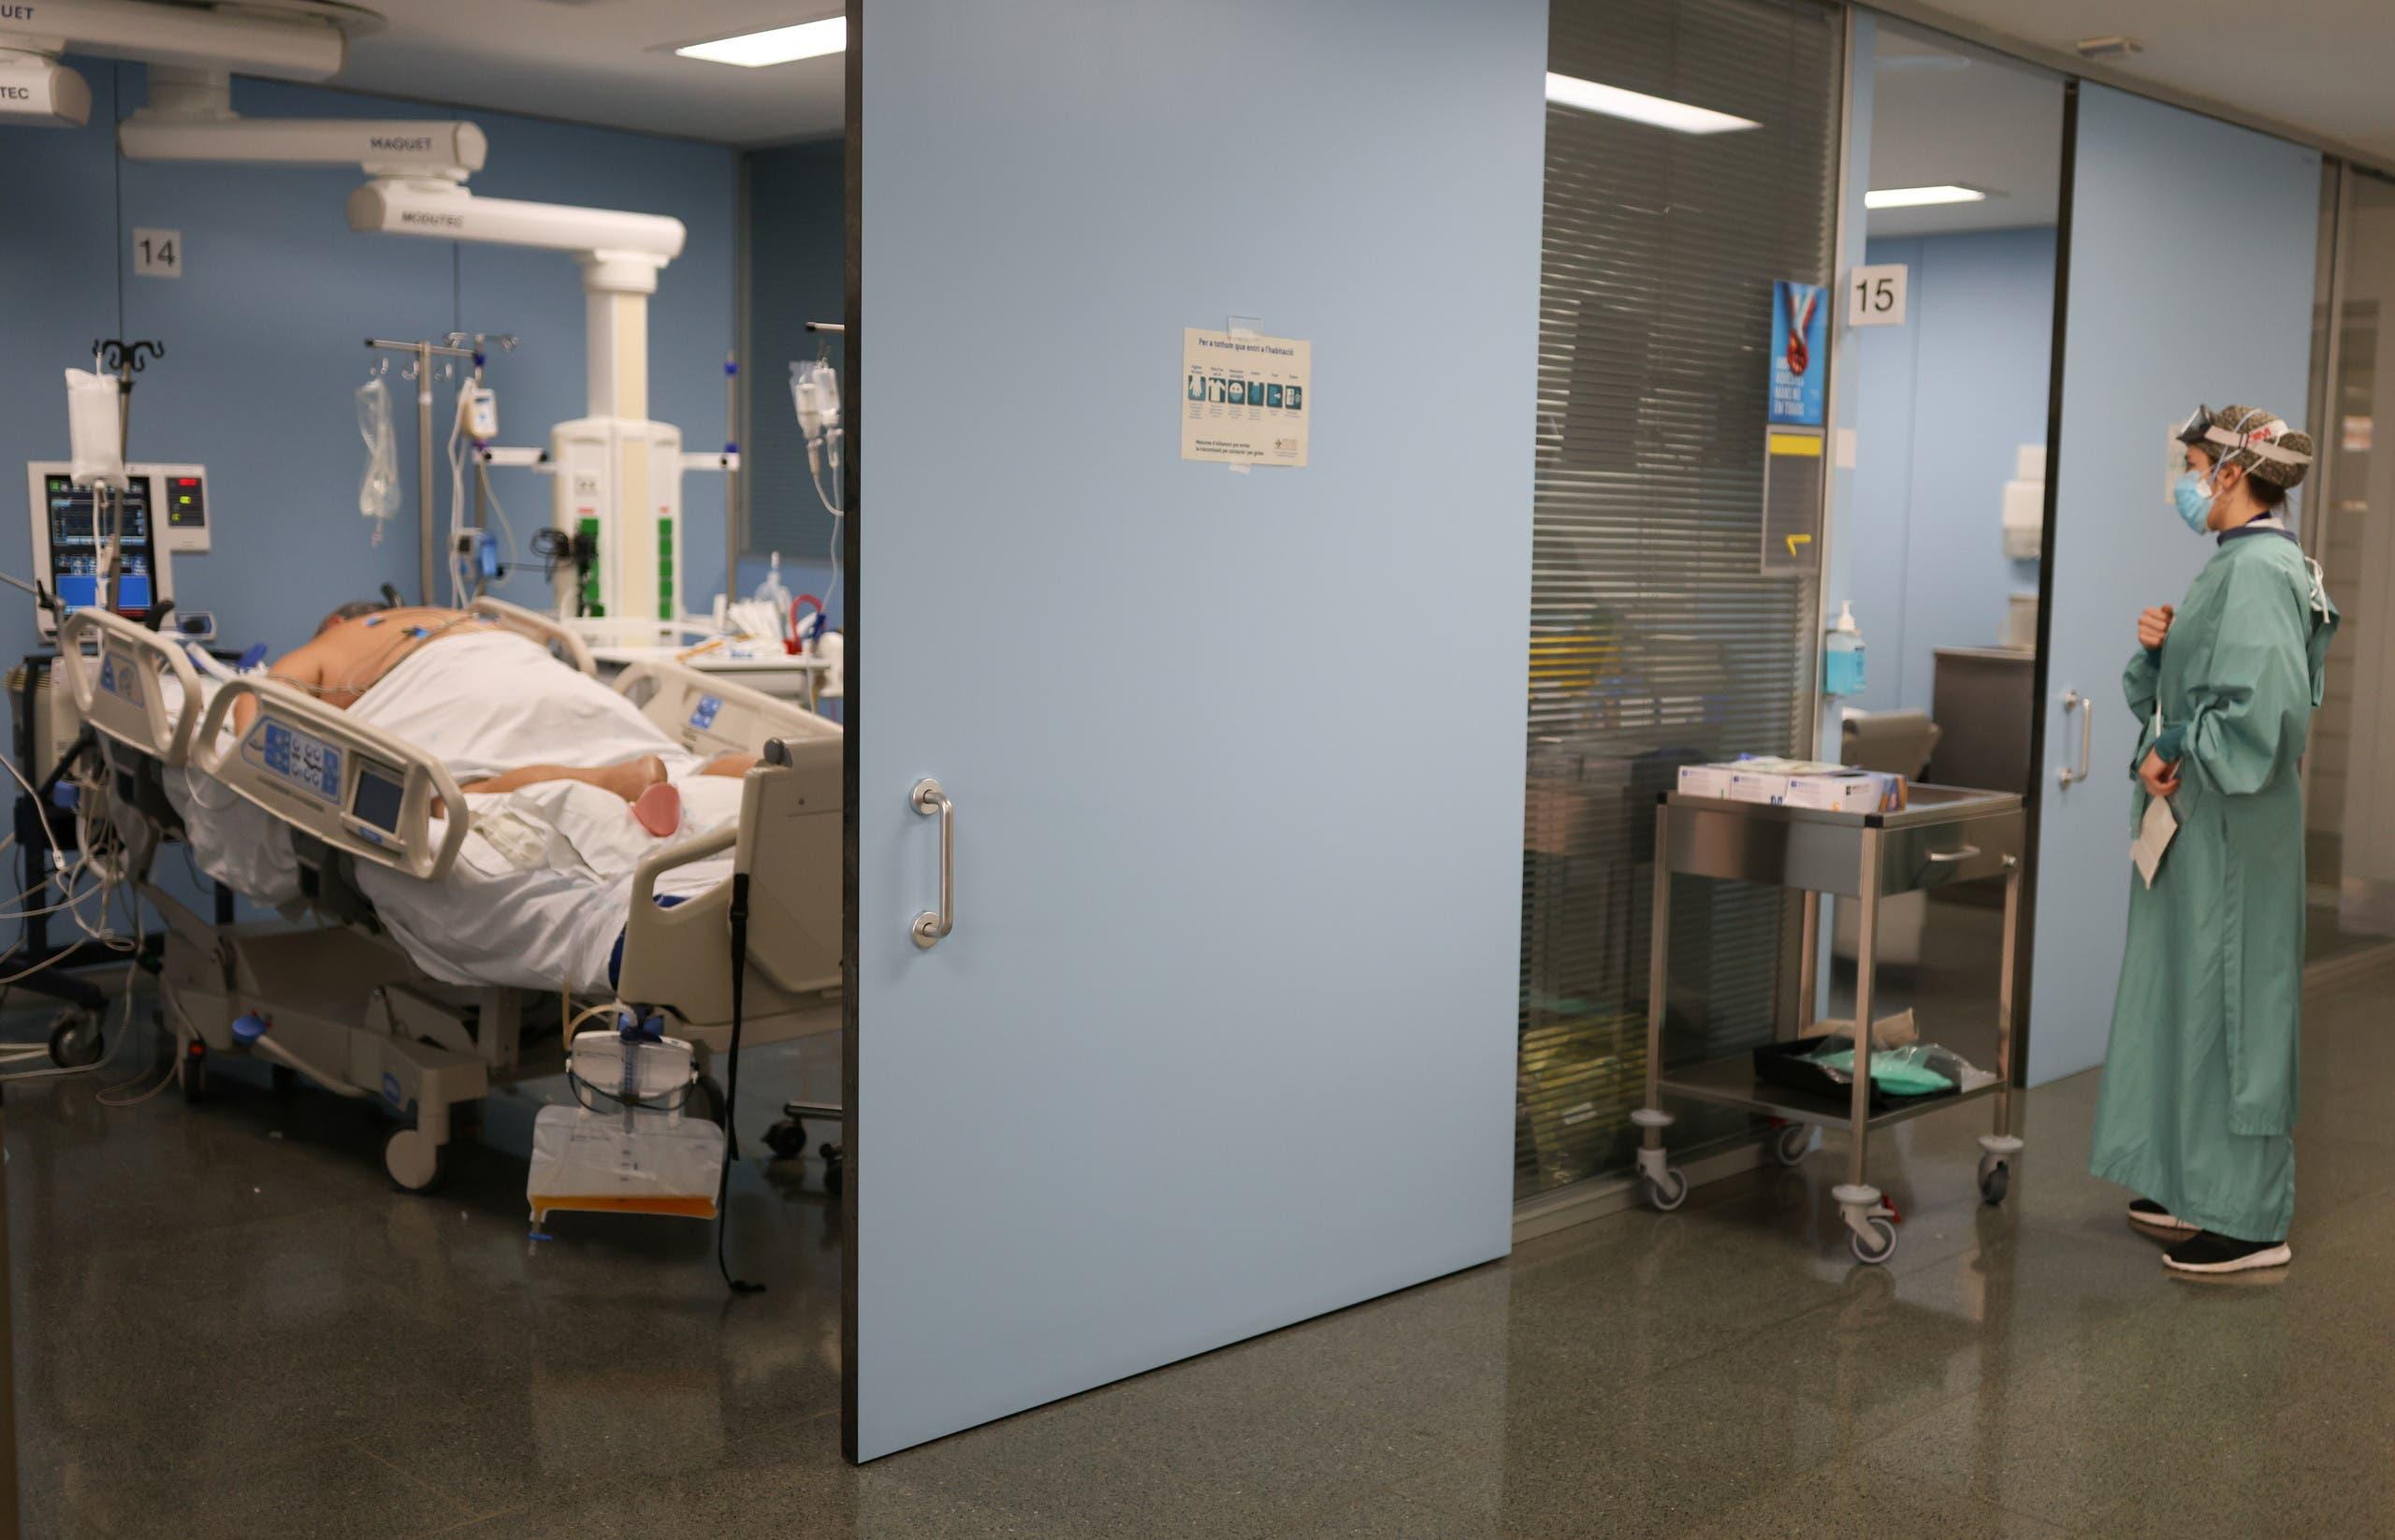 من قسم العناية المركزة في أحد مستشفيات برشلونة حيث يعالج مرضى كورونا